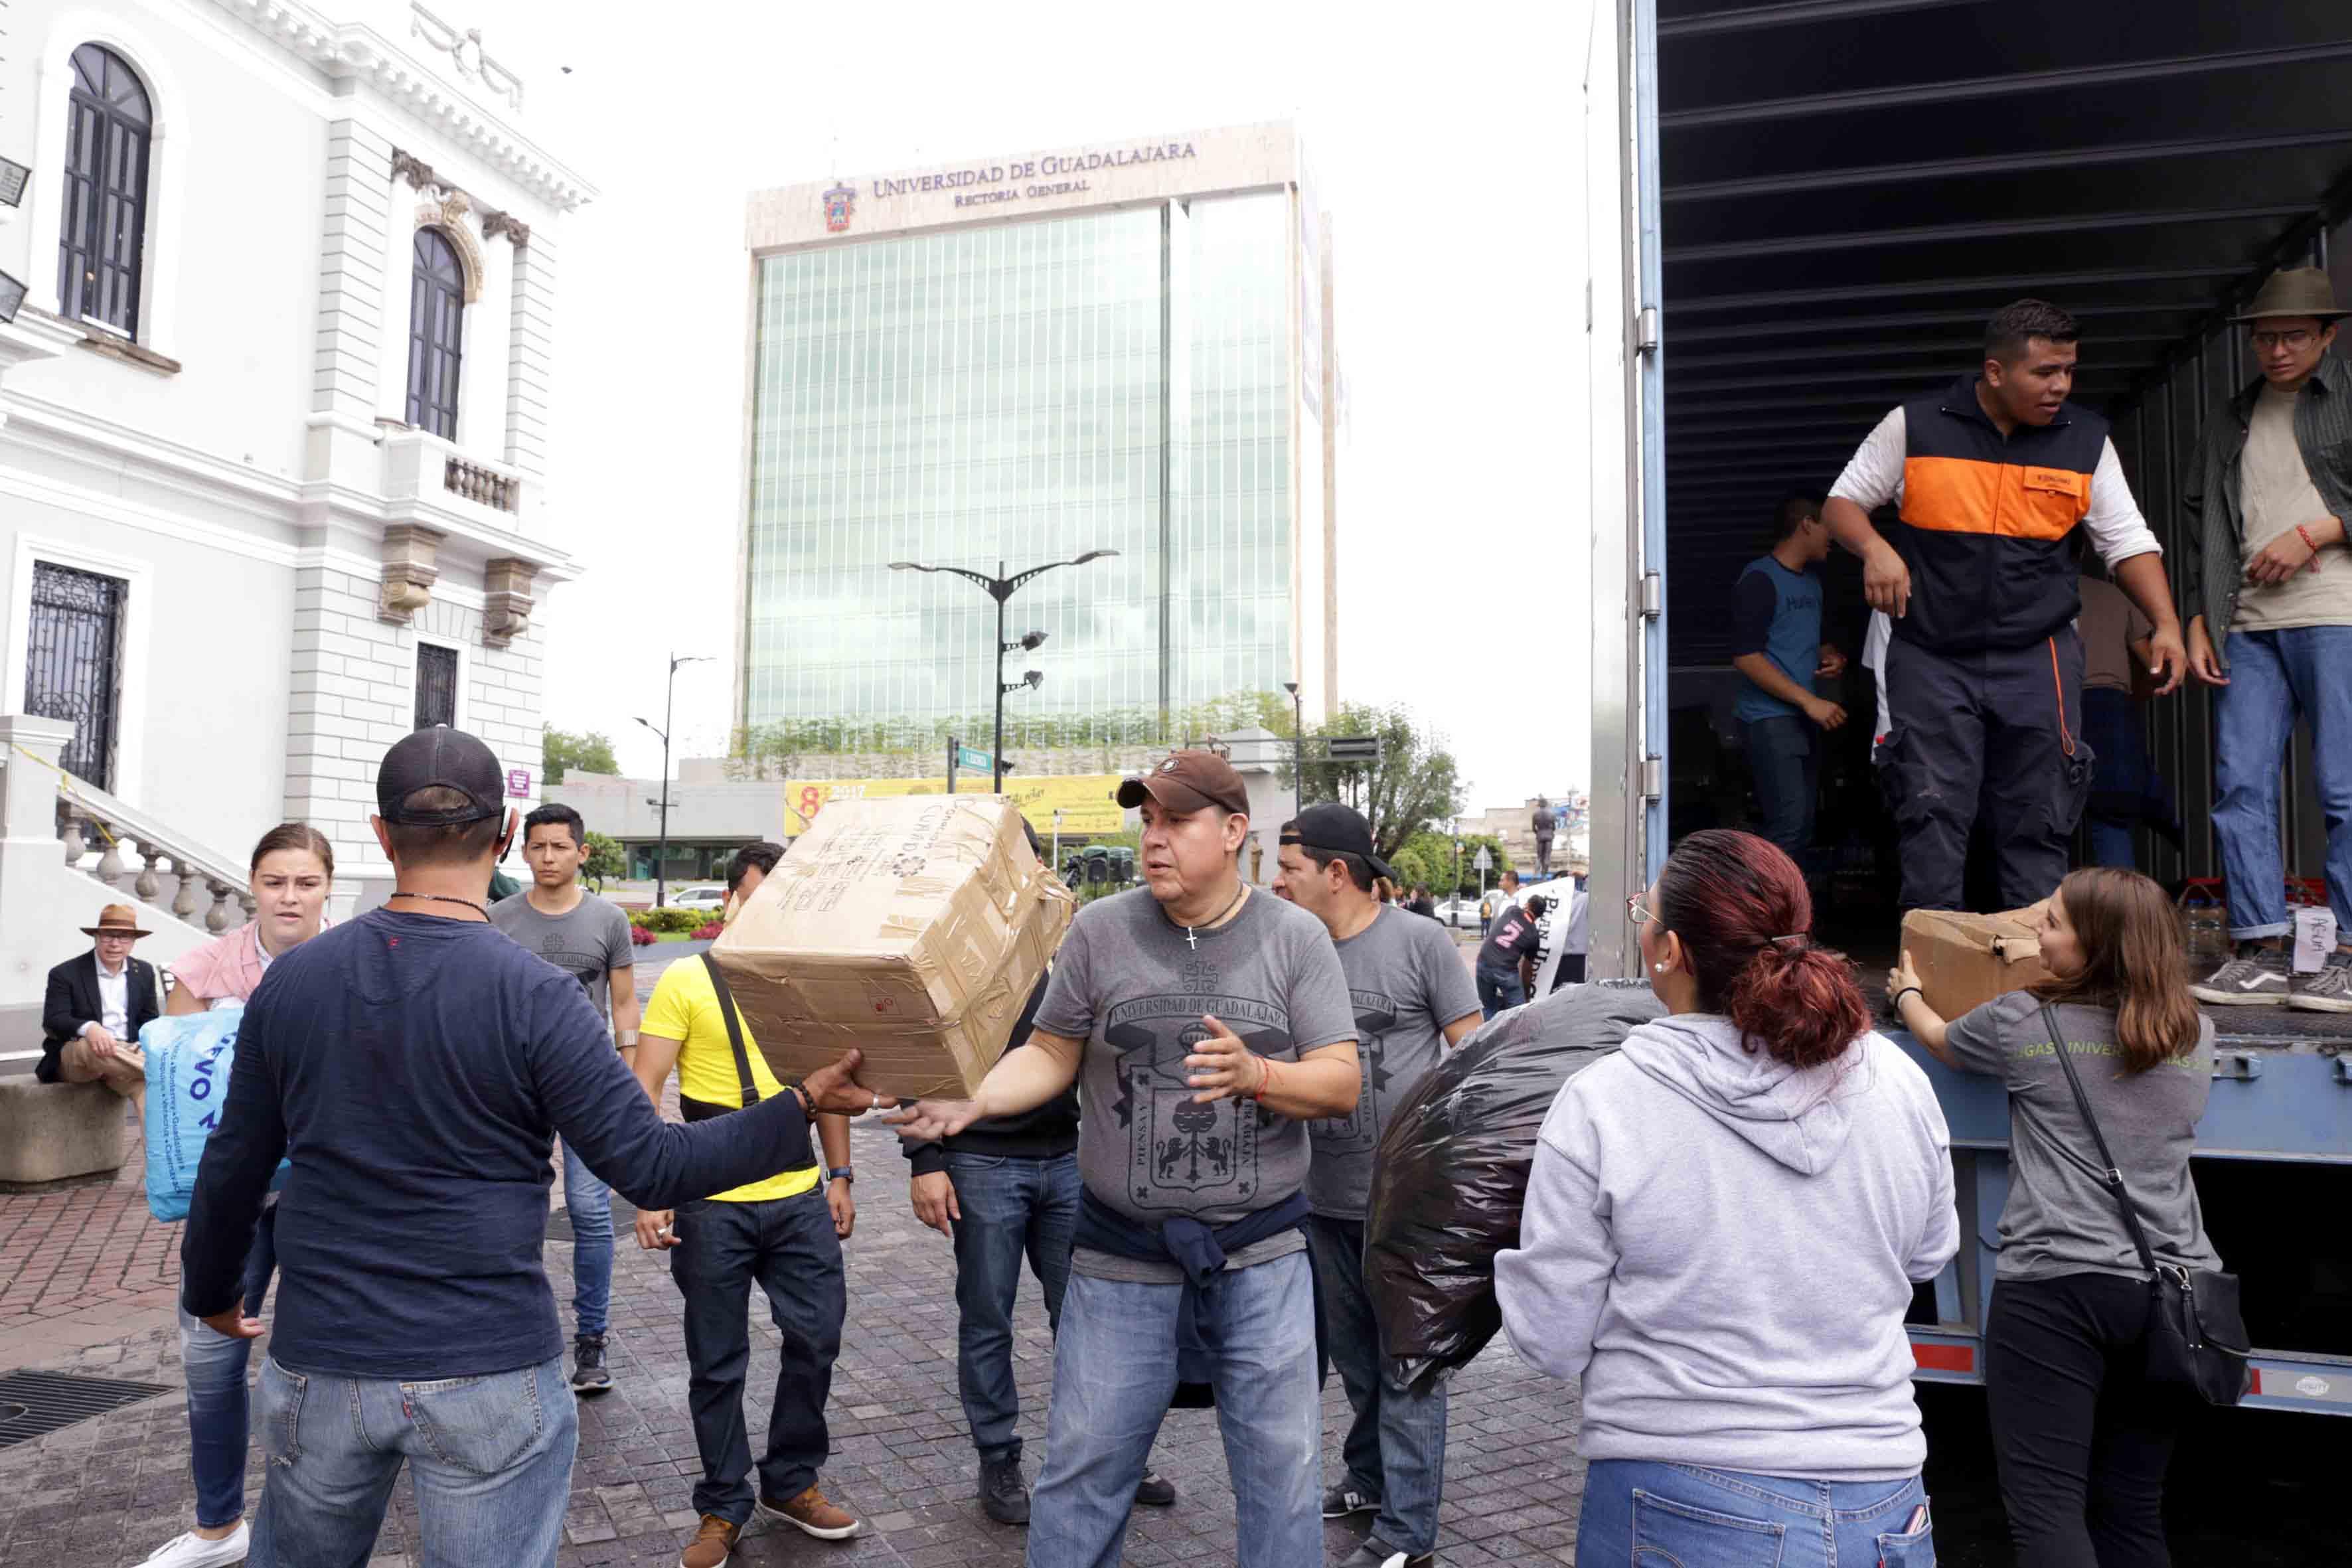 Comunidad universitaria apoyando en la carga de camión de víveres, textiles, medicamentos y artículos utilitarios.